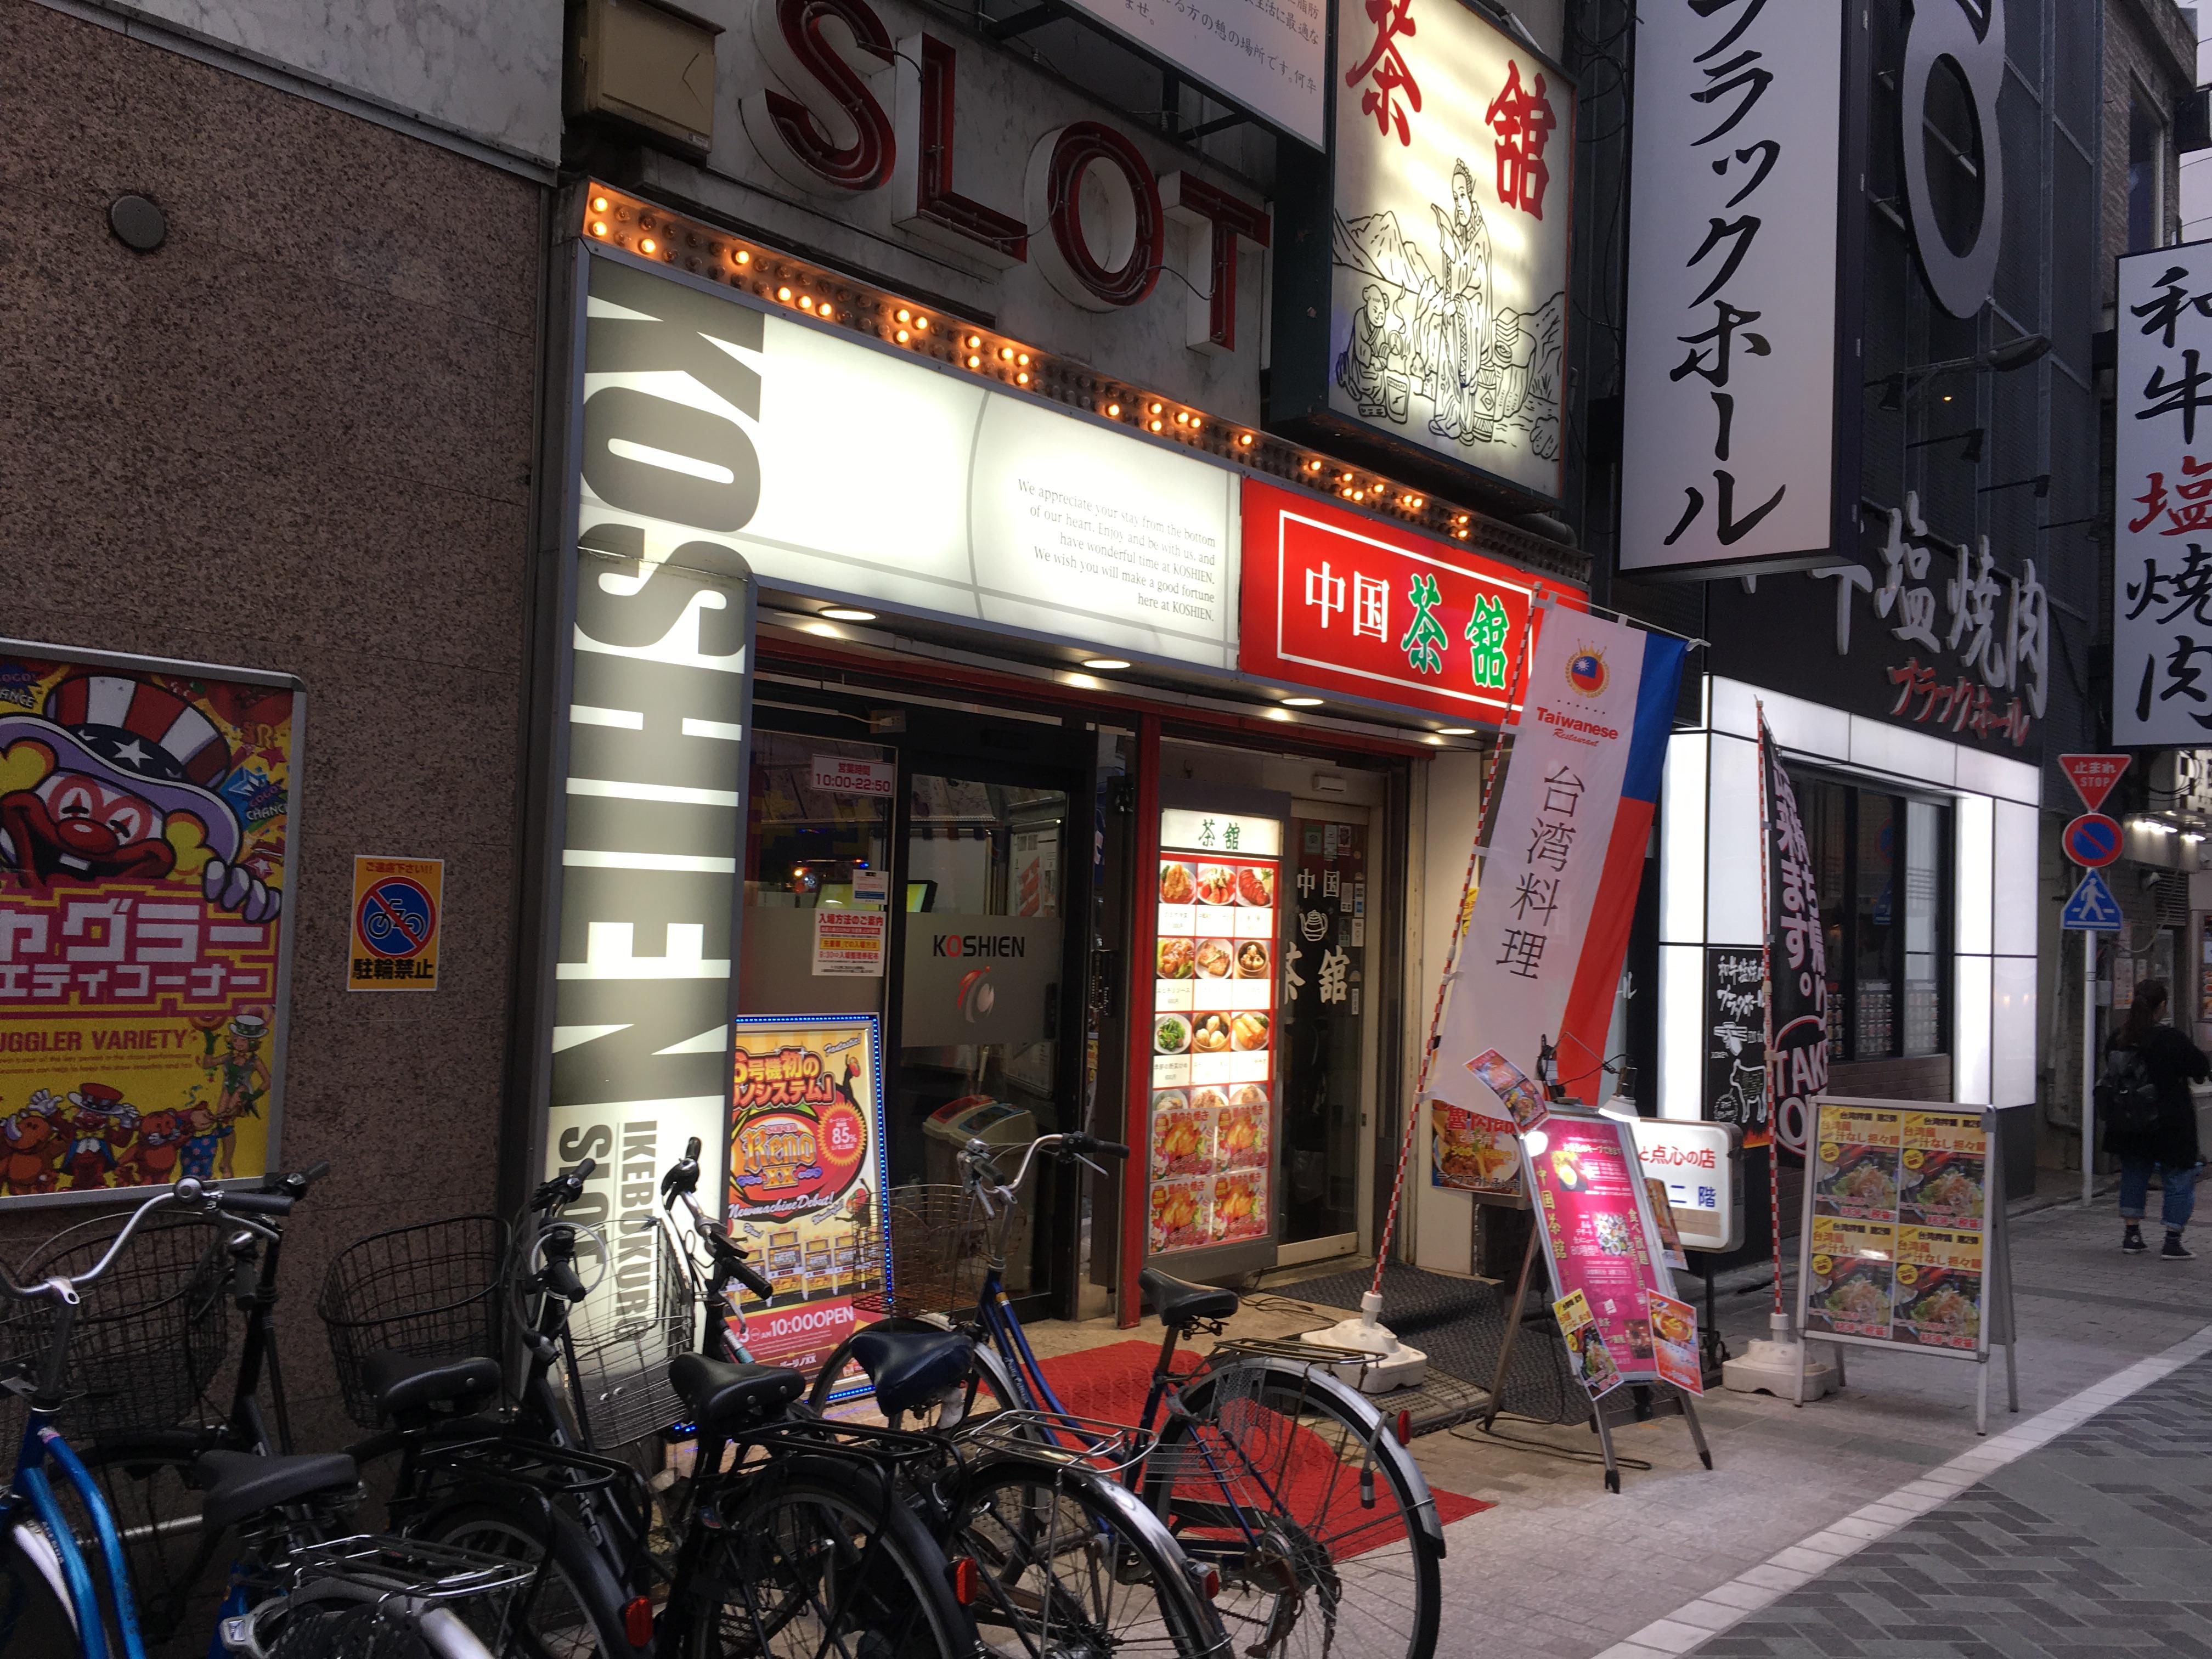 【池袋駅】飲茶専門店で中国・台湾料理が食べ放題2500円「 中国茶館」の外観